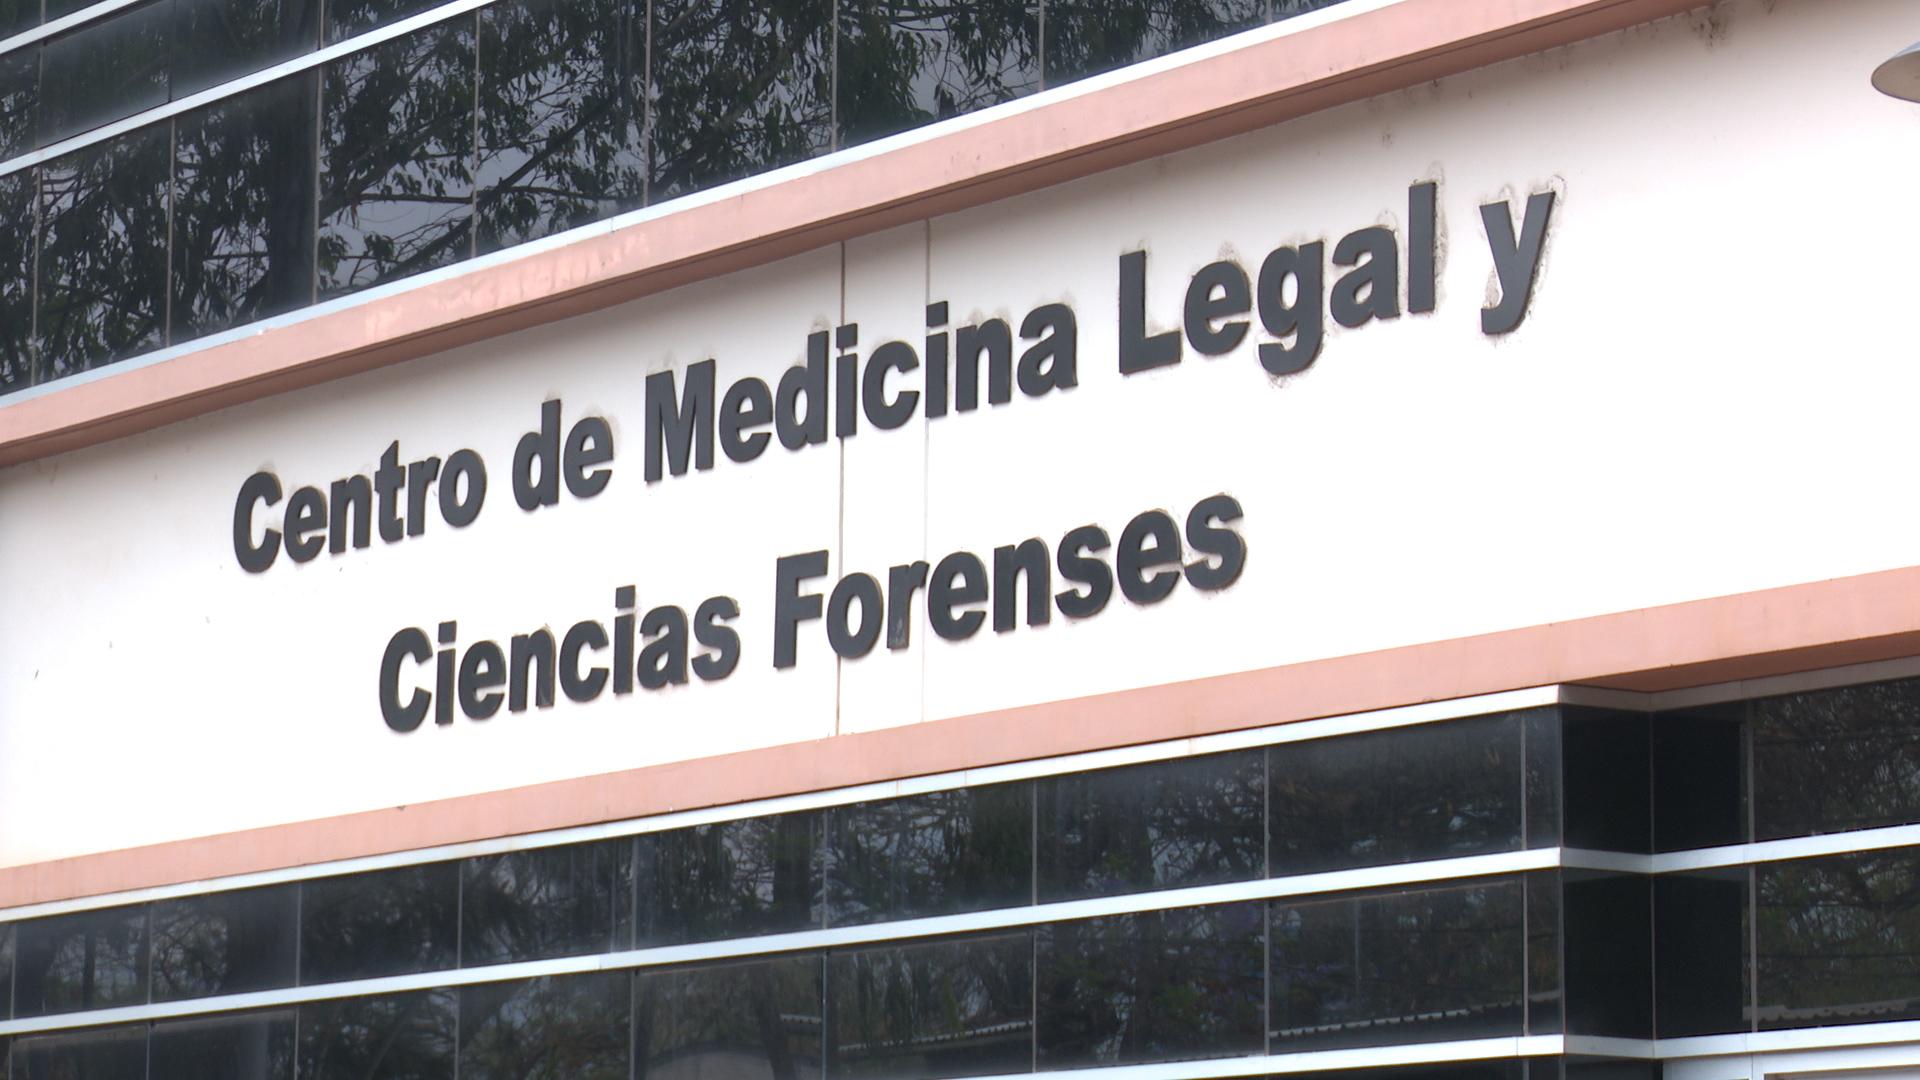 Siete cuerpos ingresan a Medicina Forense en las últimas horas en la capital de Honduras